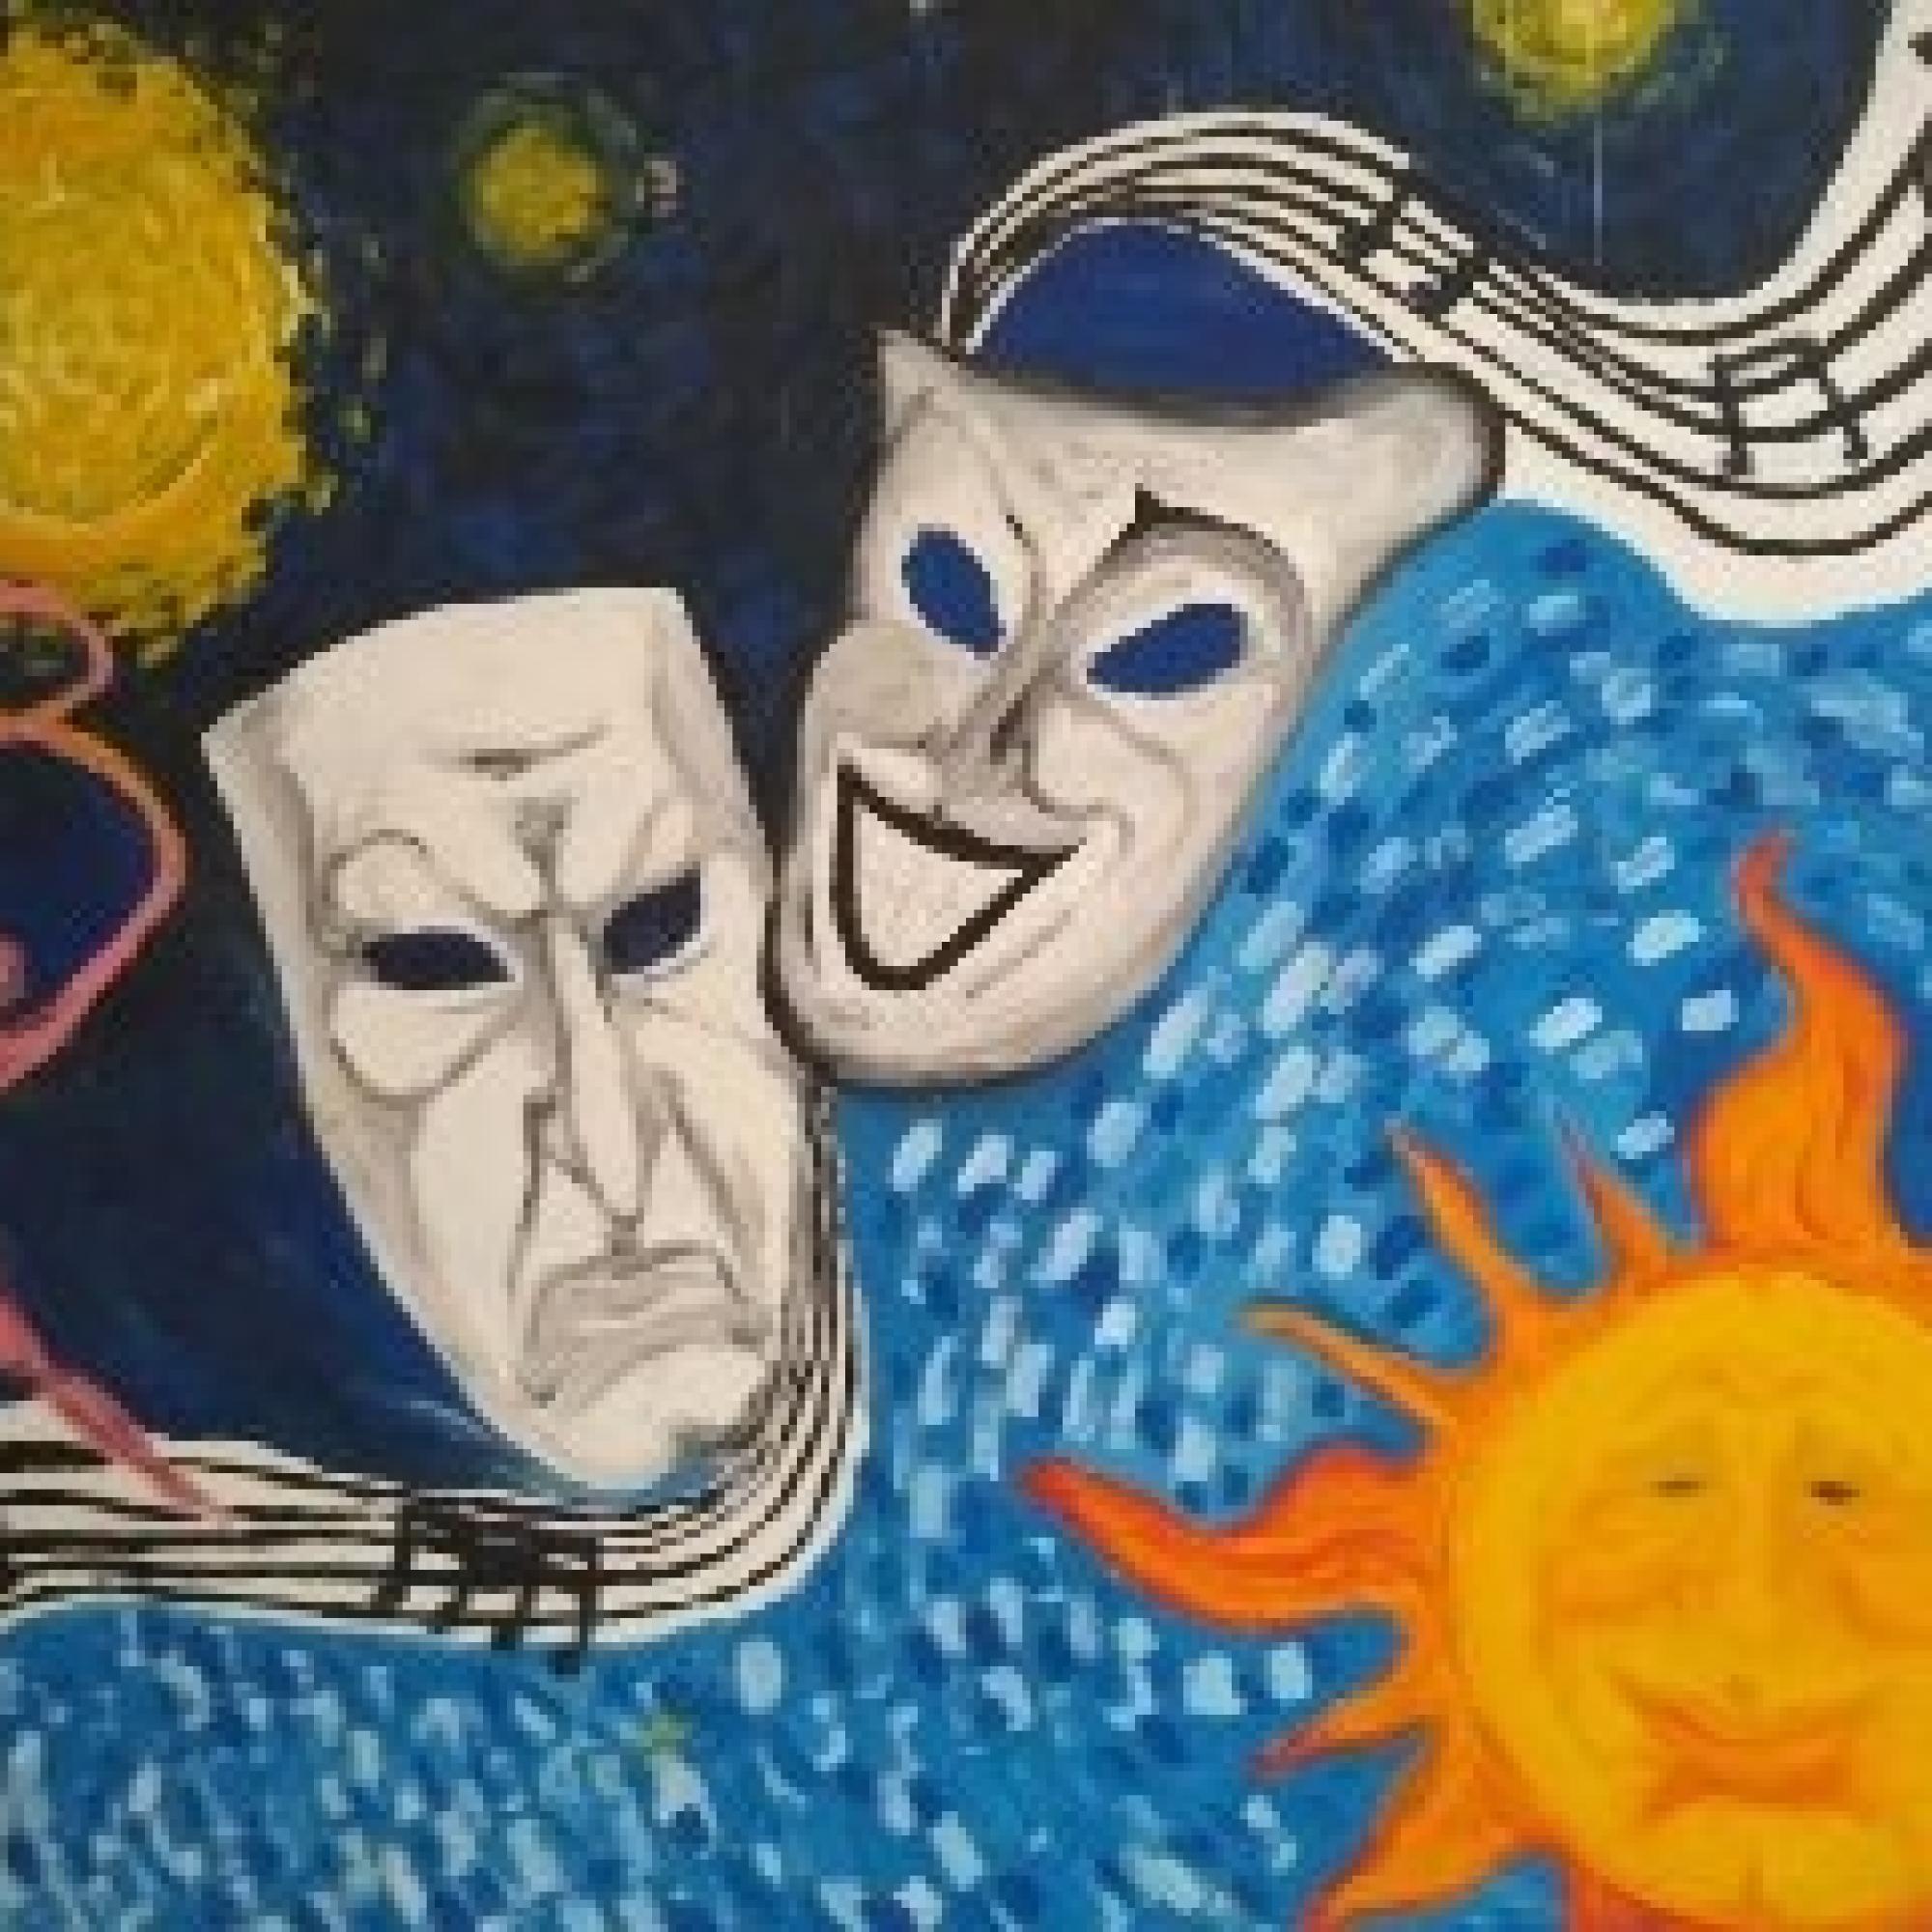 El arte cambia vidas y transforma realidades